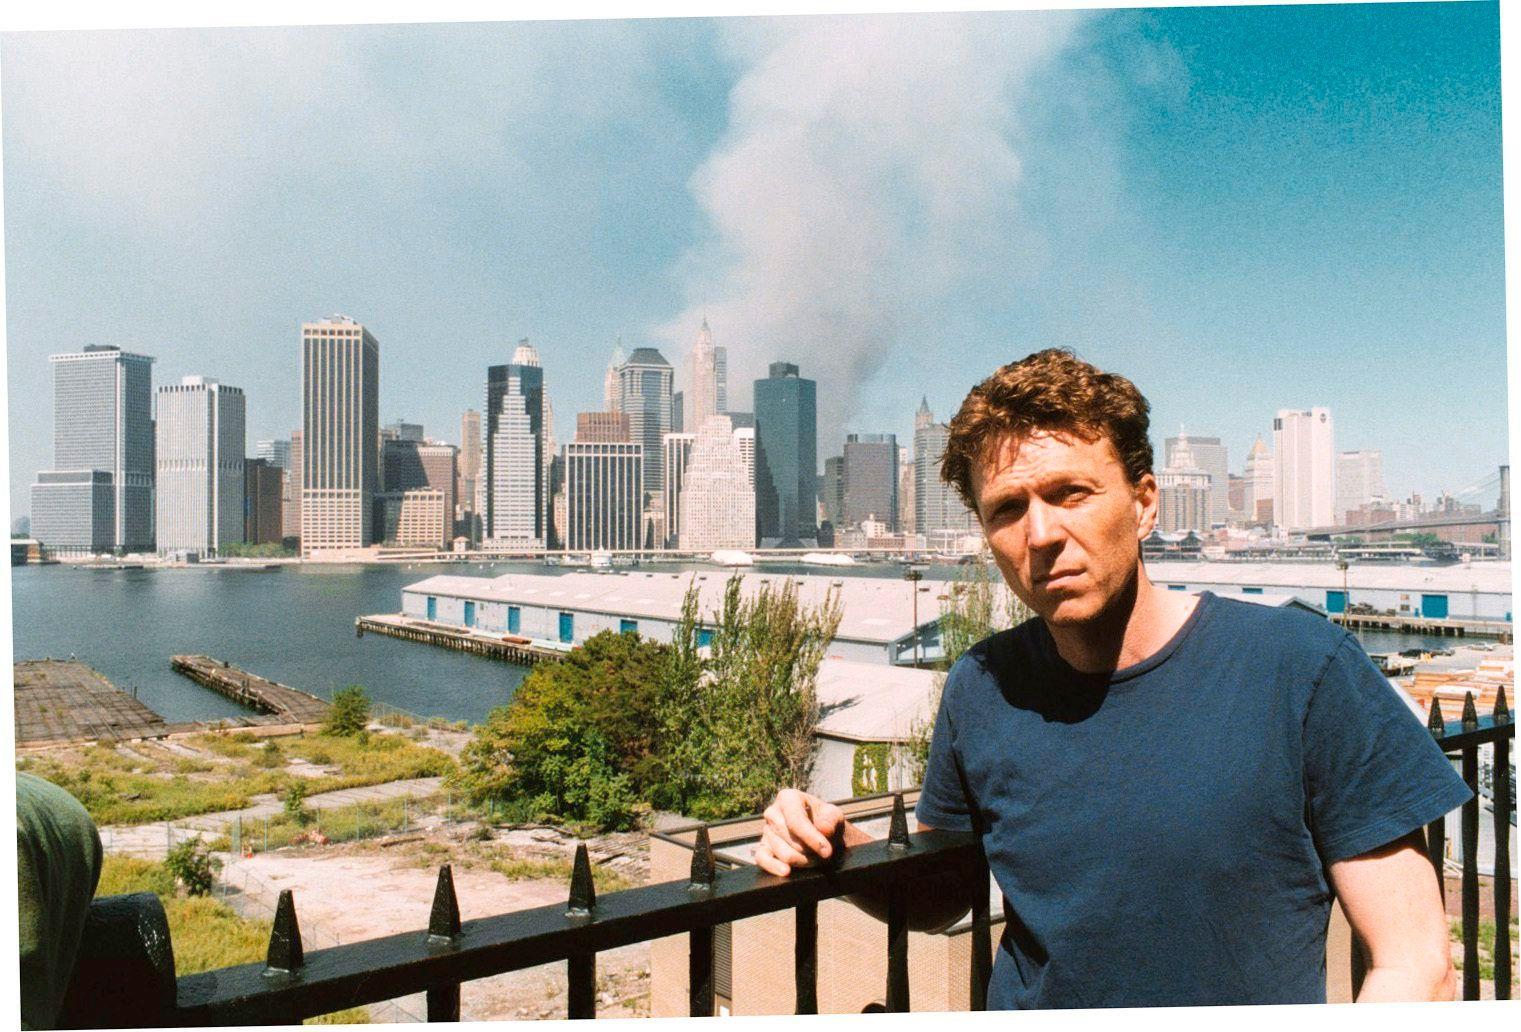 11. September / Türme / Rauch / WTC / World Trade Center